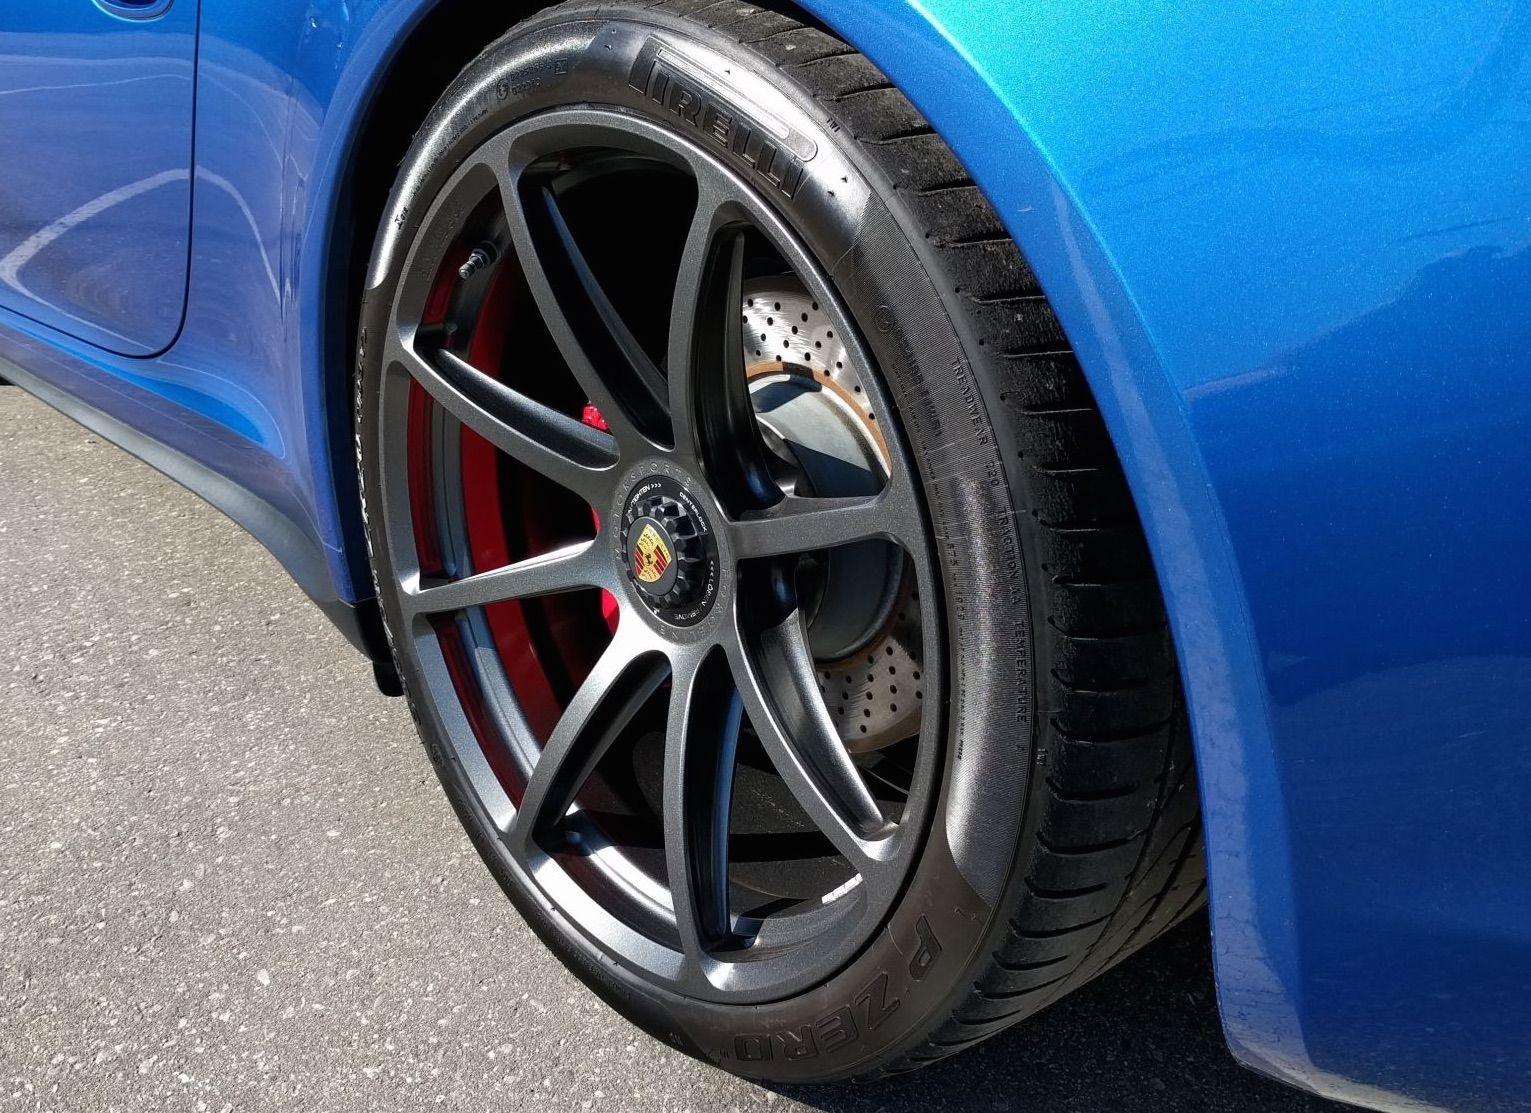 2016 Porsche 911   Vice's Sapphire Blue Porsche 911 GTS on Forgeline One Piece Forged Monoblock GE1 Wheels